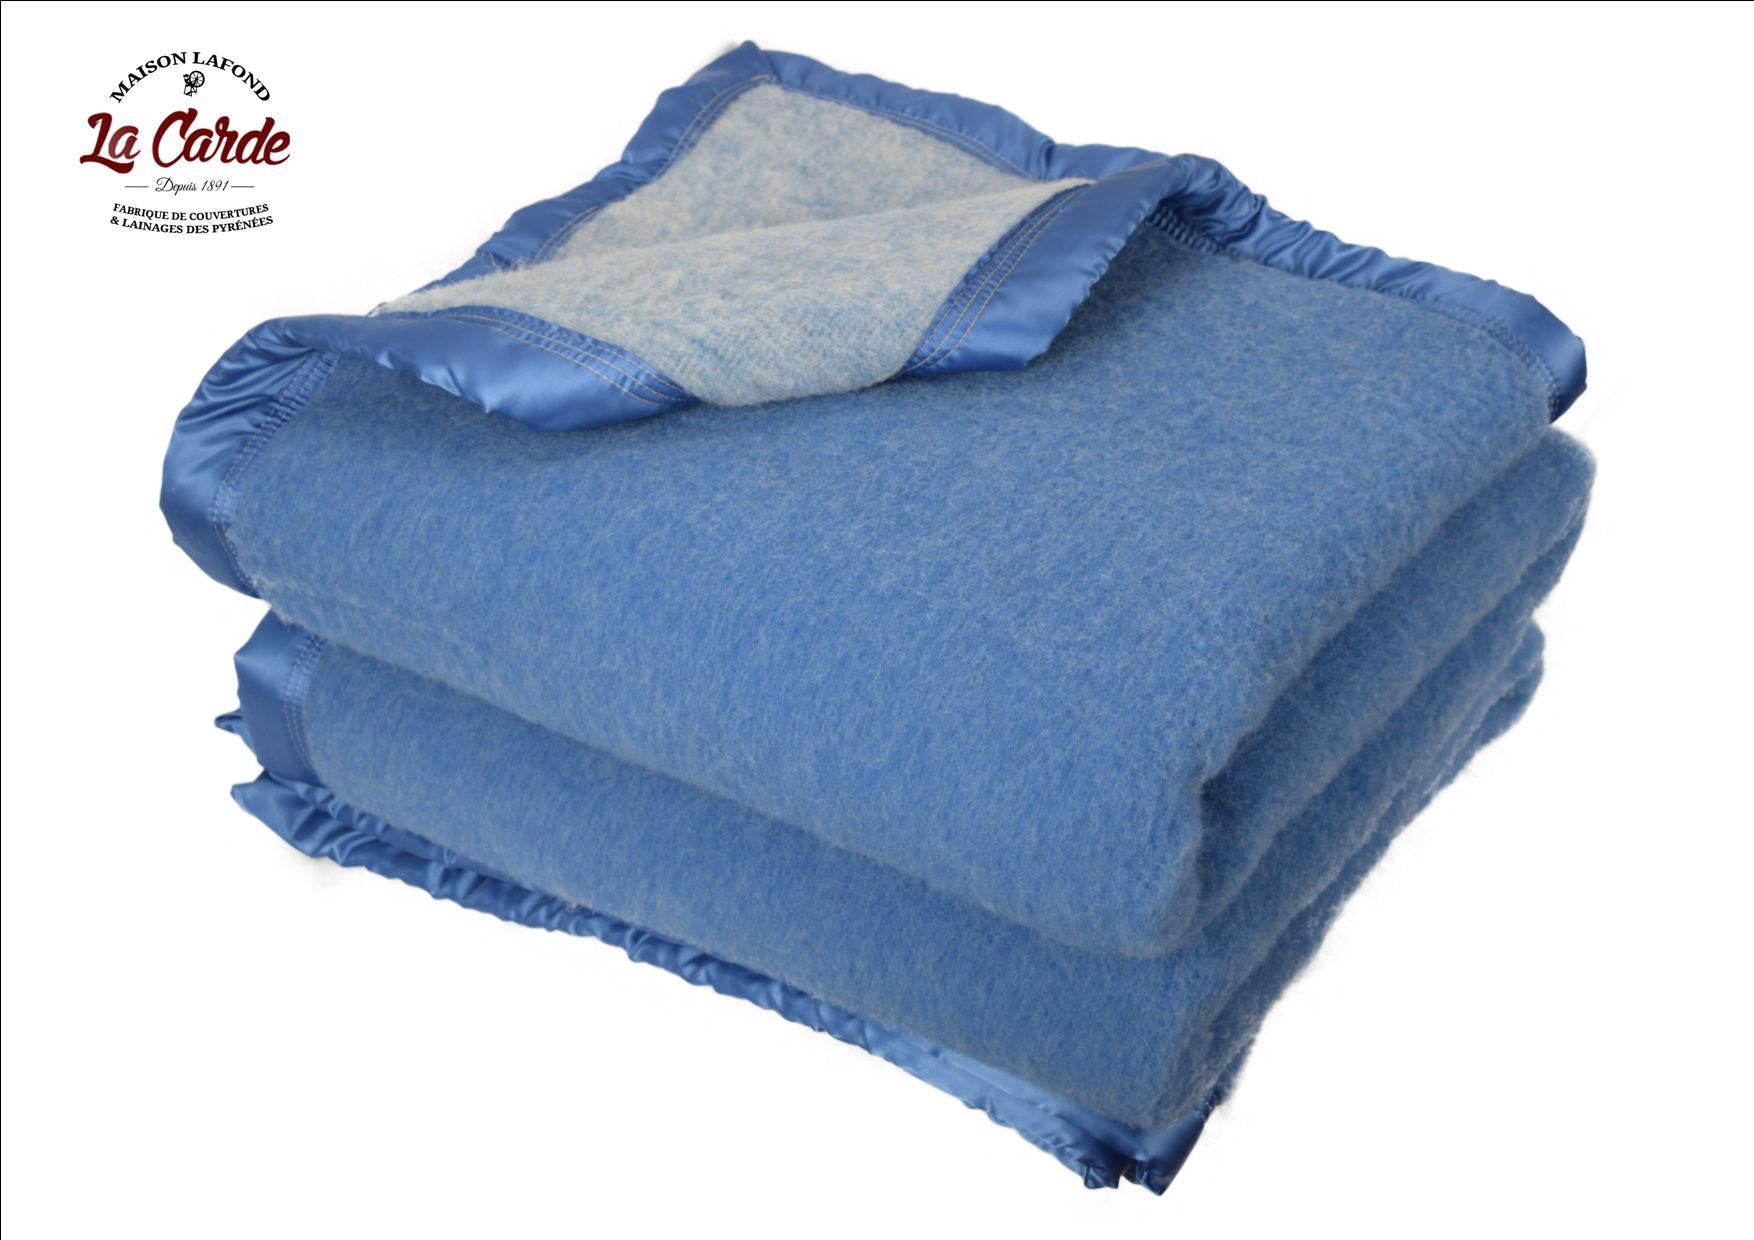 Couverture en laine bleu ciel